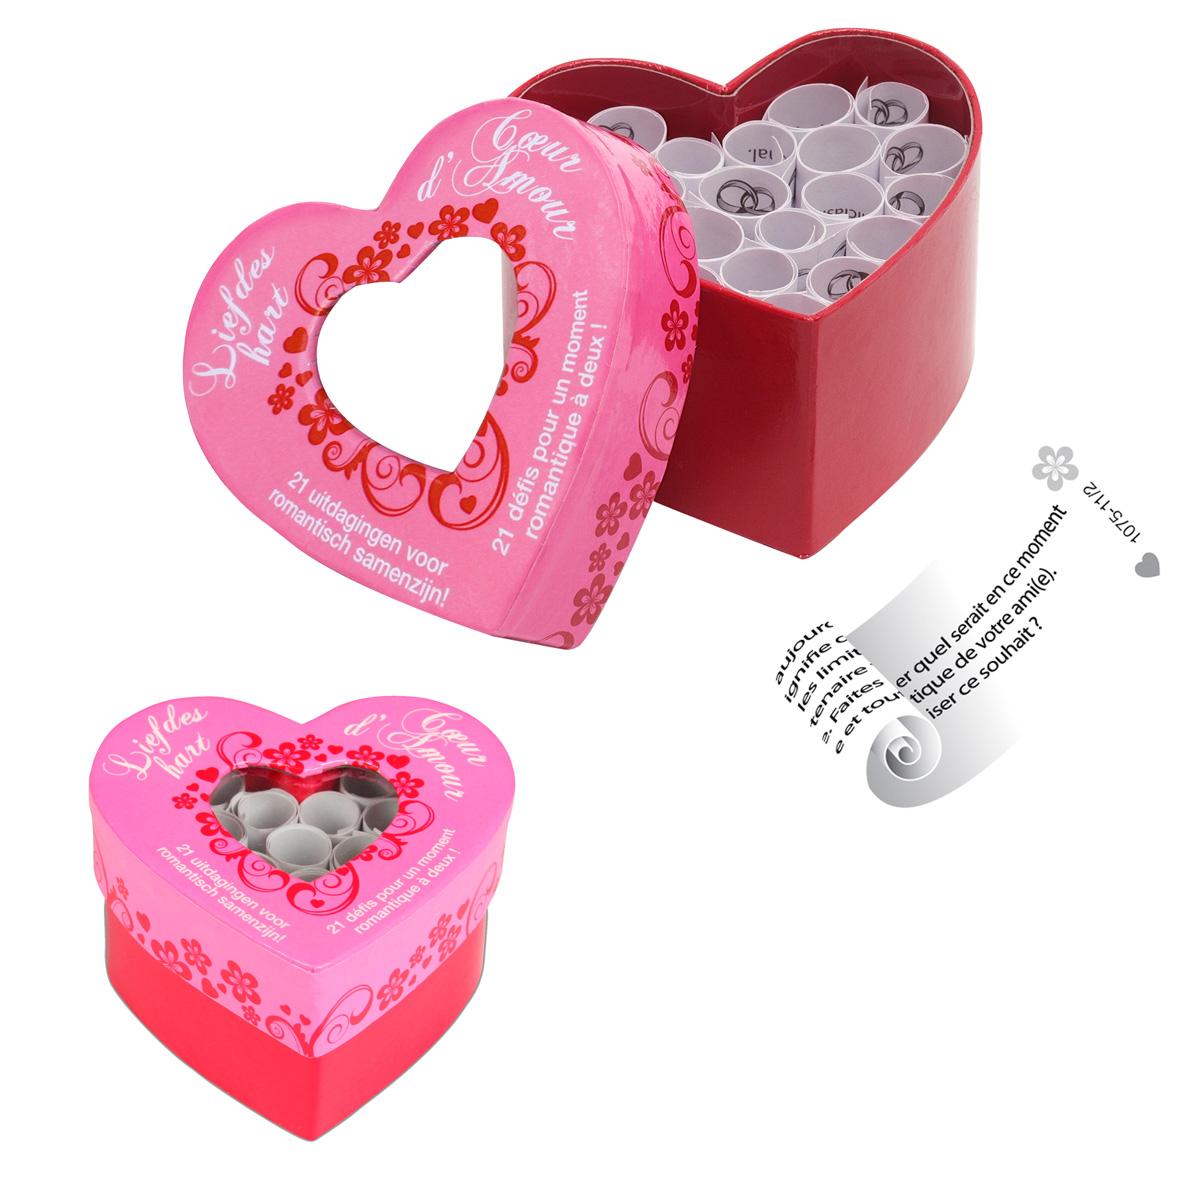 jeu c ur d 39 amour achat cadeau romantique saint valentin sur rapid. Black Bedroom Furniture Sets. Home Design Ideas